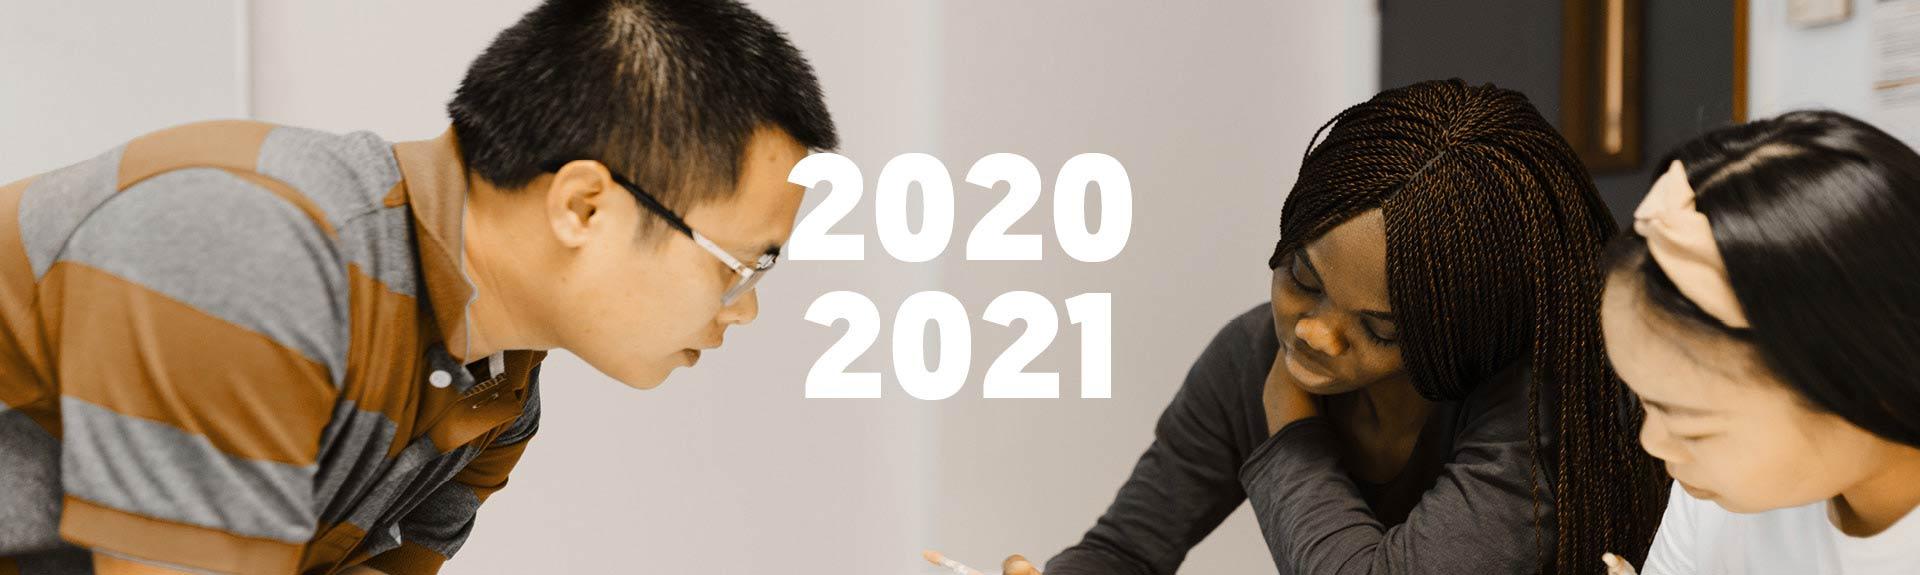 Calendrier et tarifs des programmes 2020 2021   ILCF   Institut de